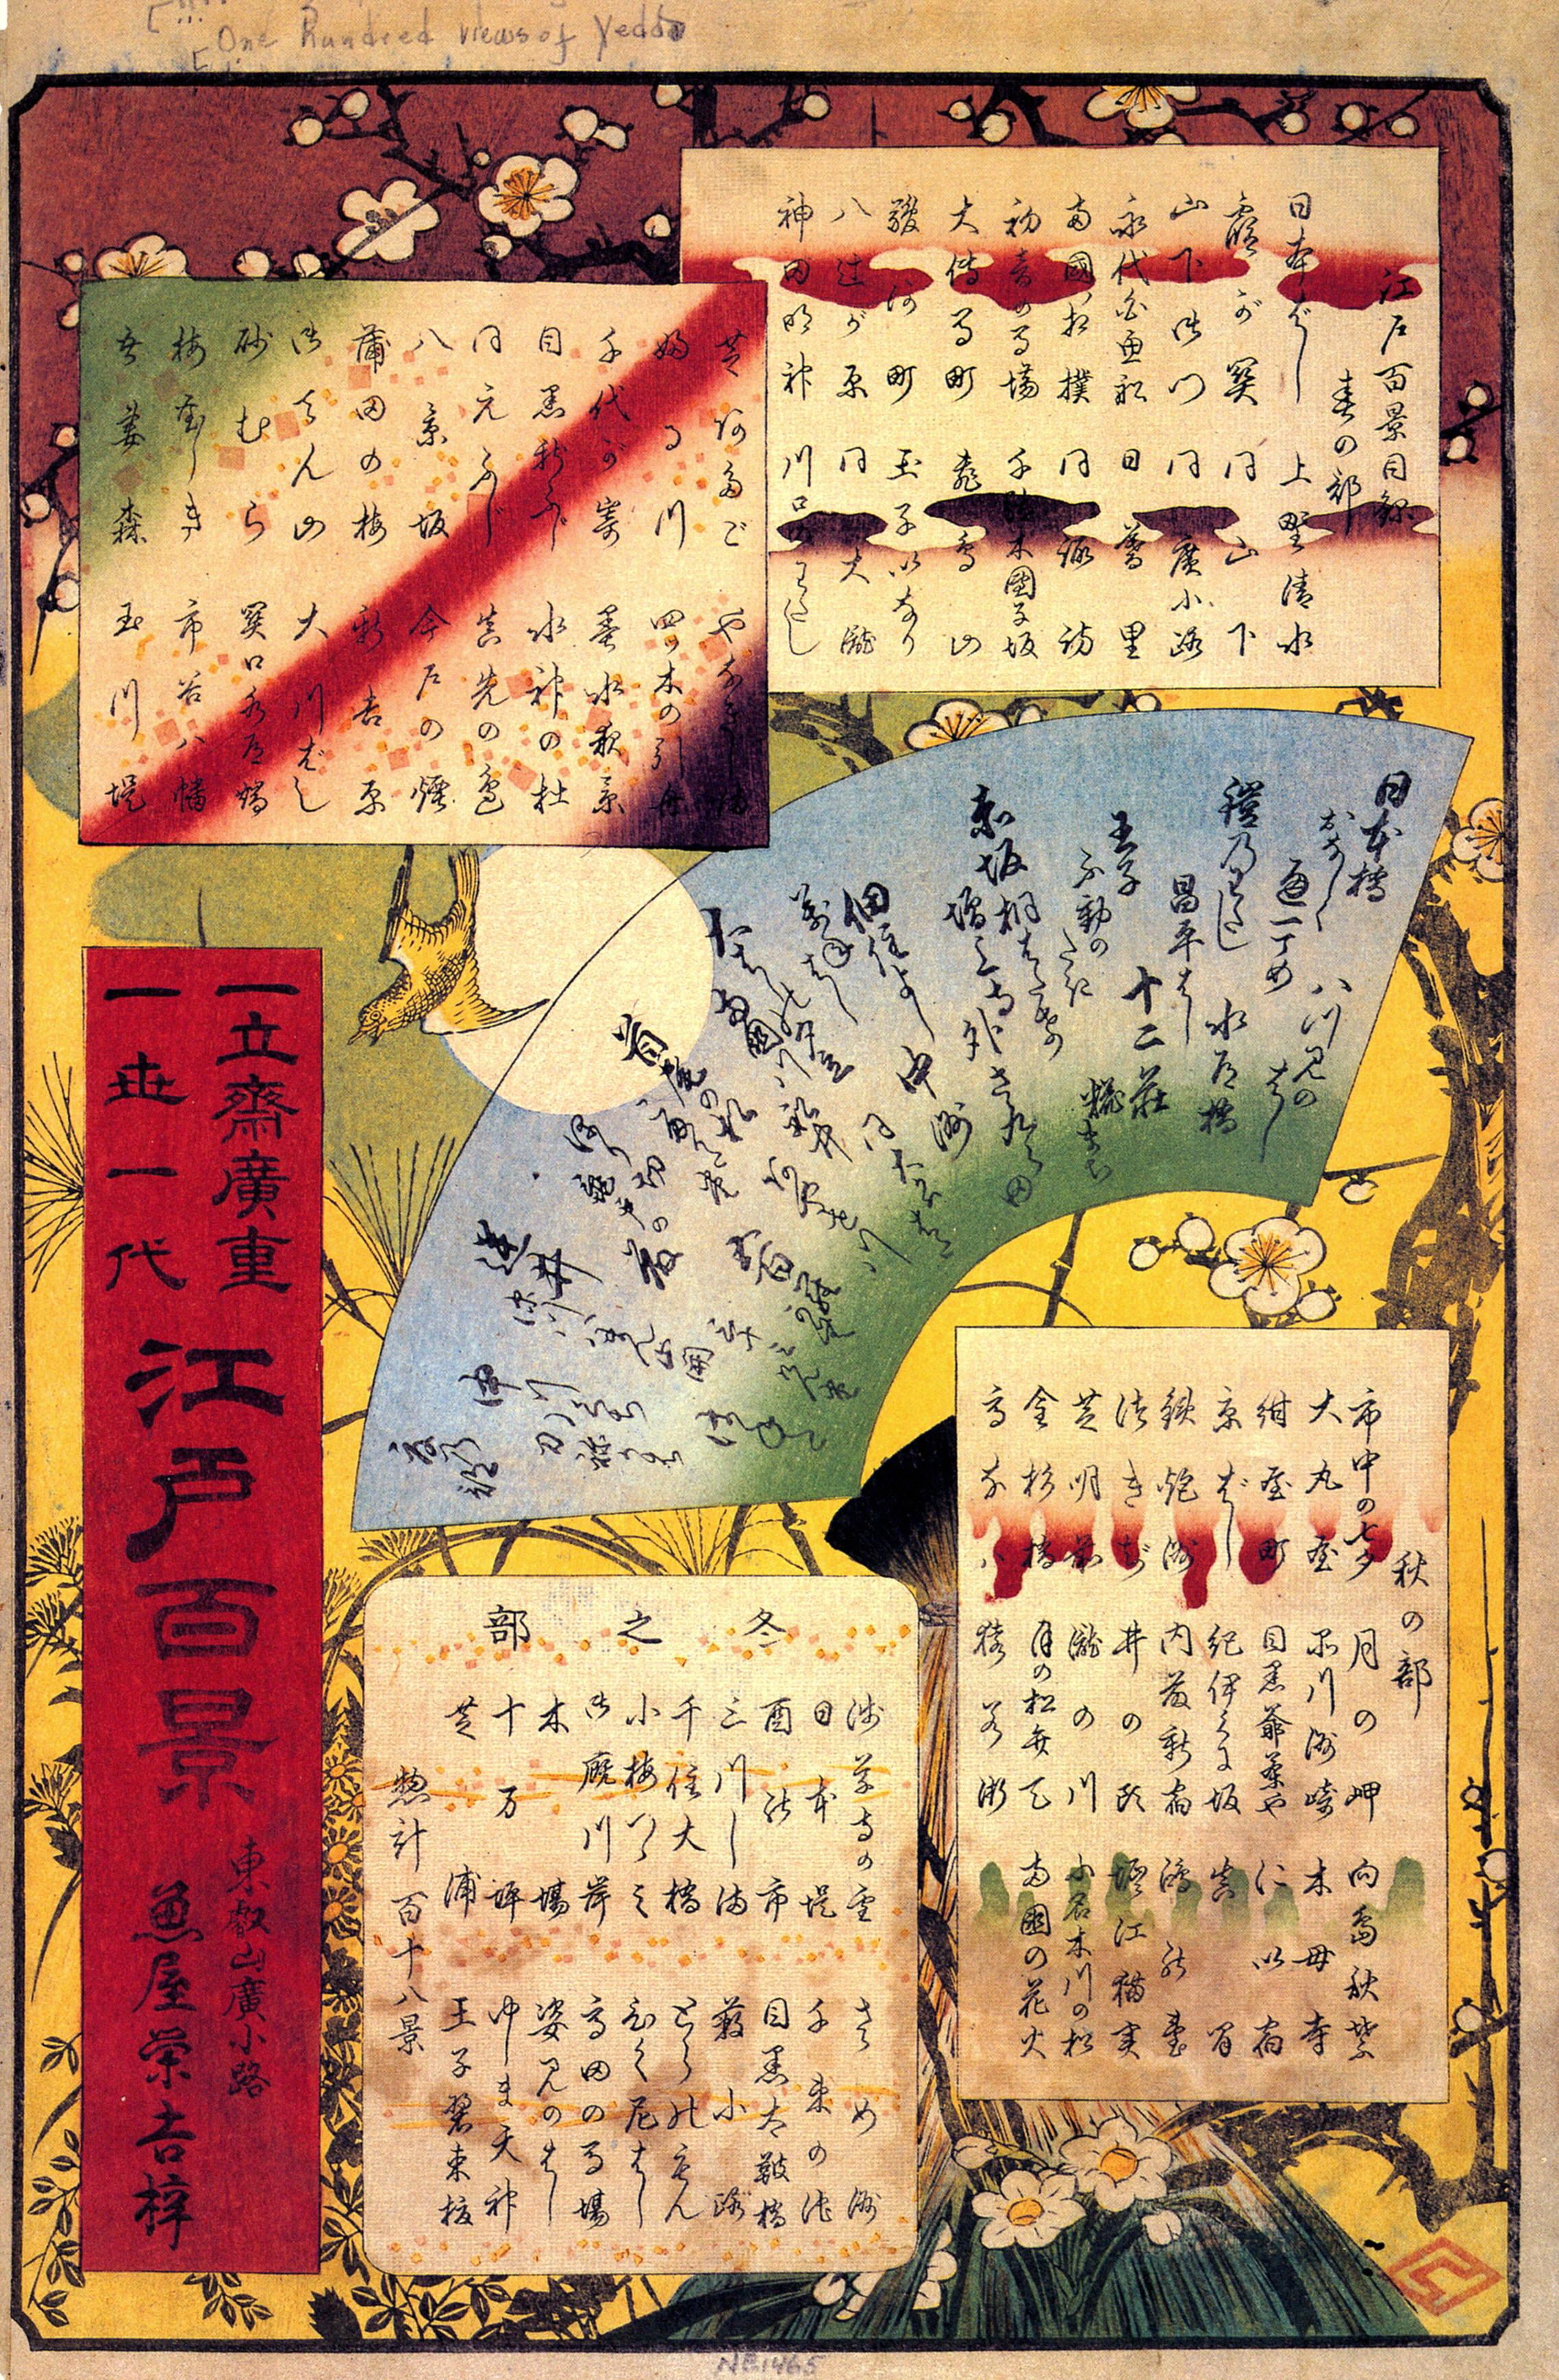 名所江戸百景 - Wikipedia